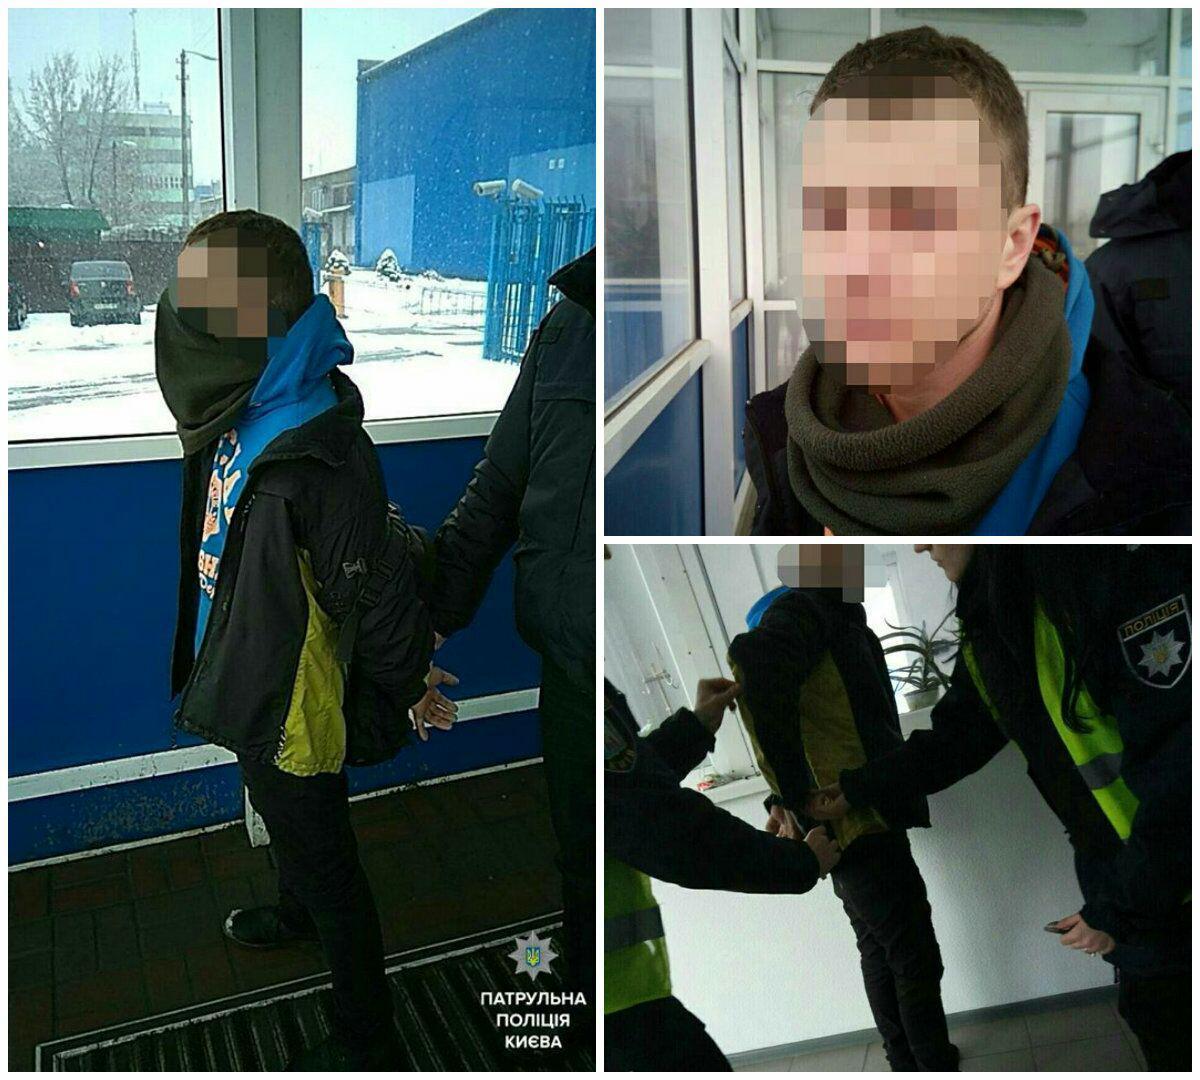 В Киеве на остановке злоумышленник зарезал мужчину из-за замечания